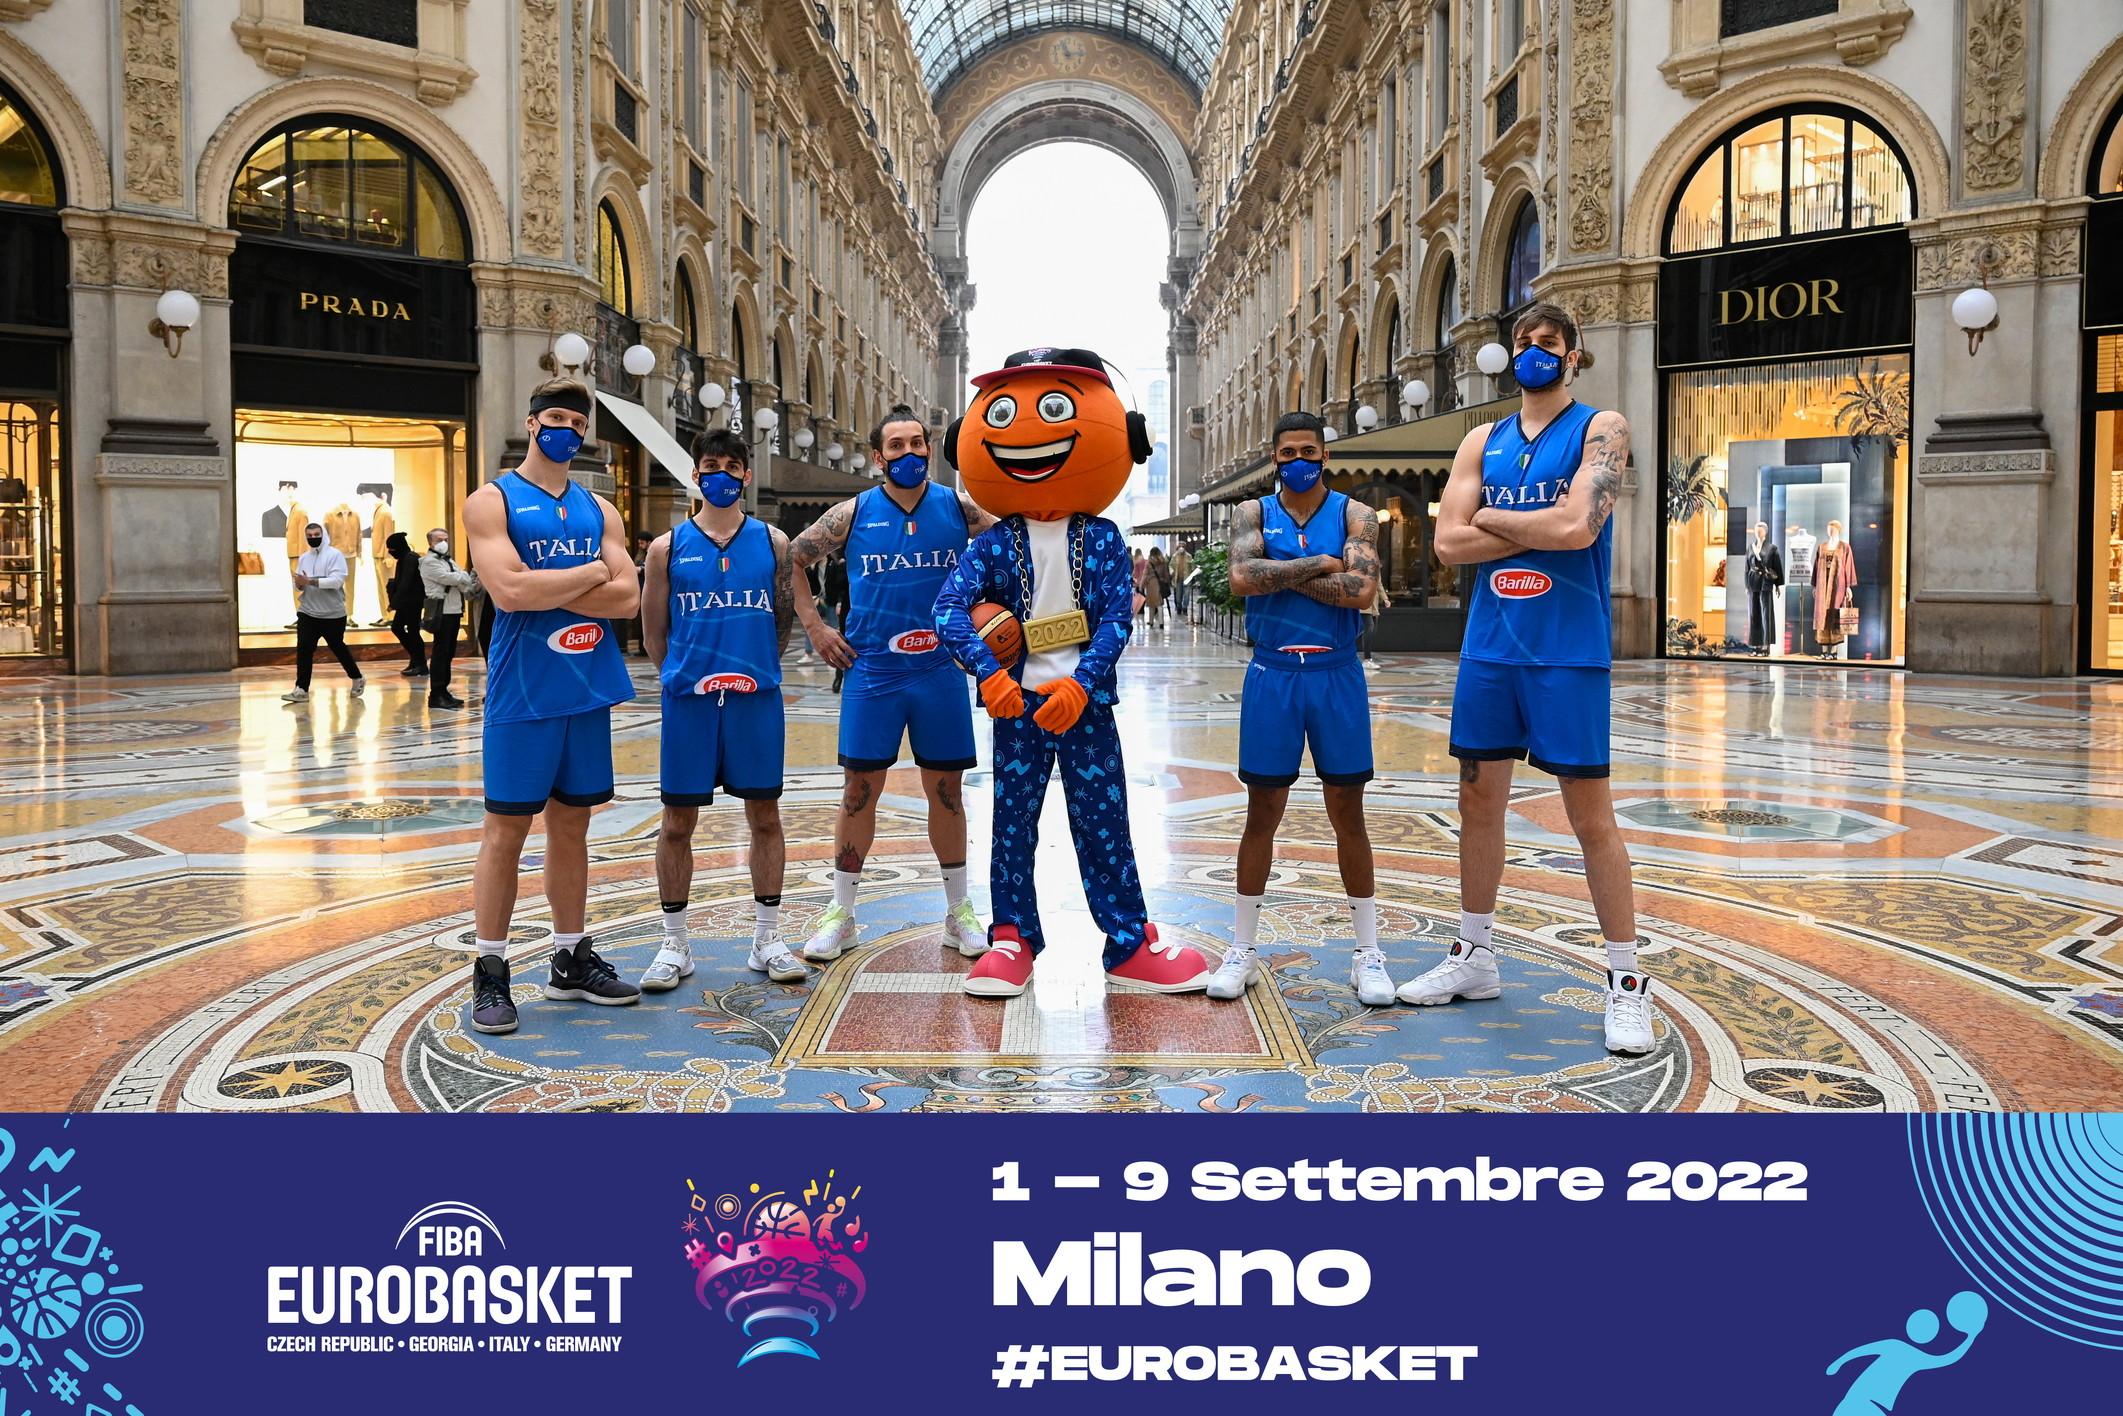 Esordio per Bounce a Milano. La mascotte degli Europei 2022 di basket ha fatto la sua prima uscita ufficiale incontrando anche il sindaco Sala e giocando a basket sul sagrato del Duomo.&nbsp;<br /><br />